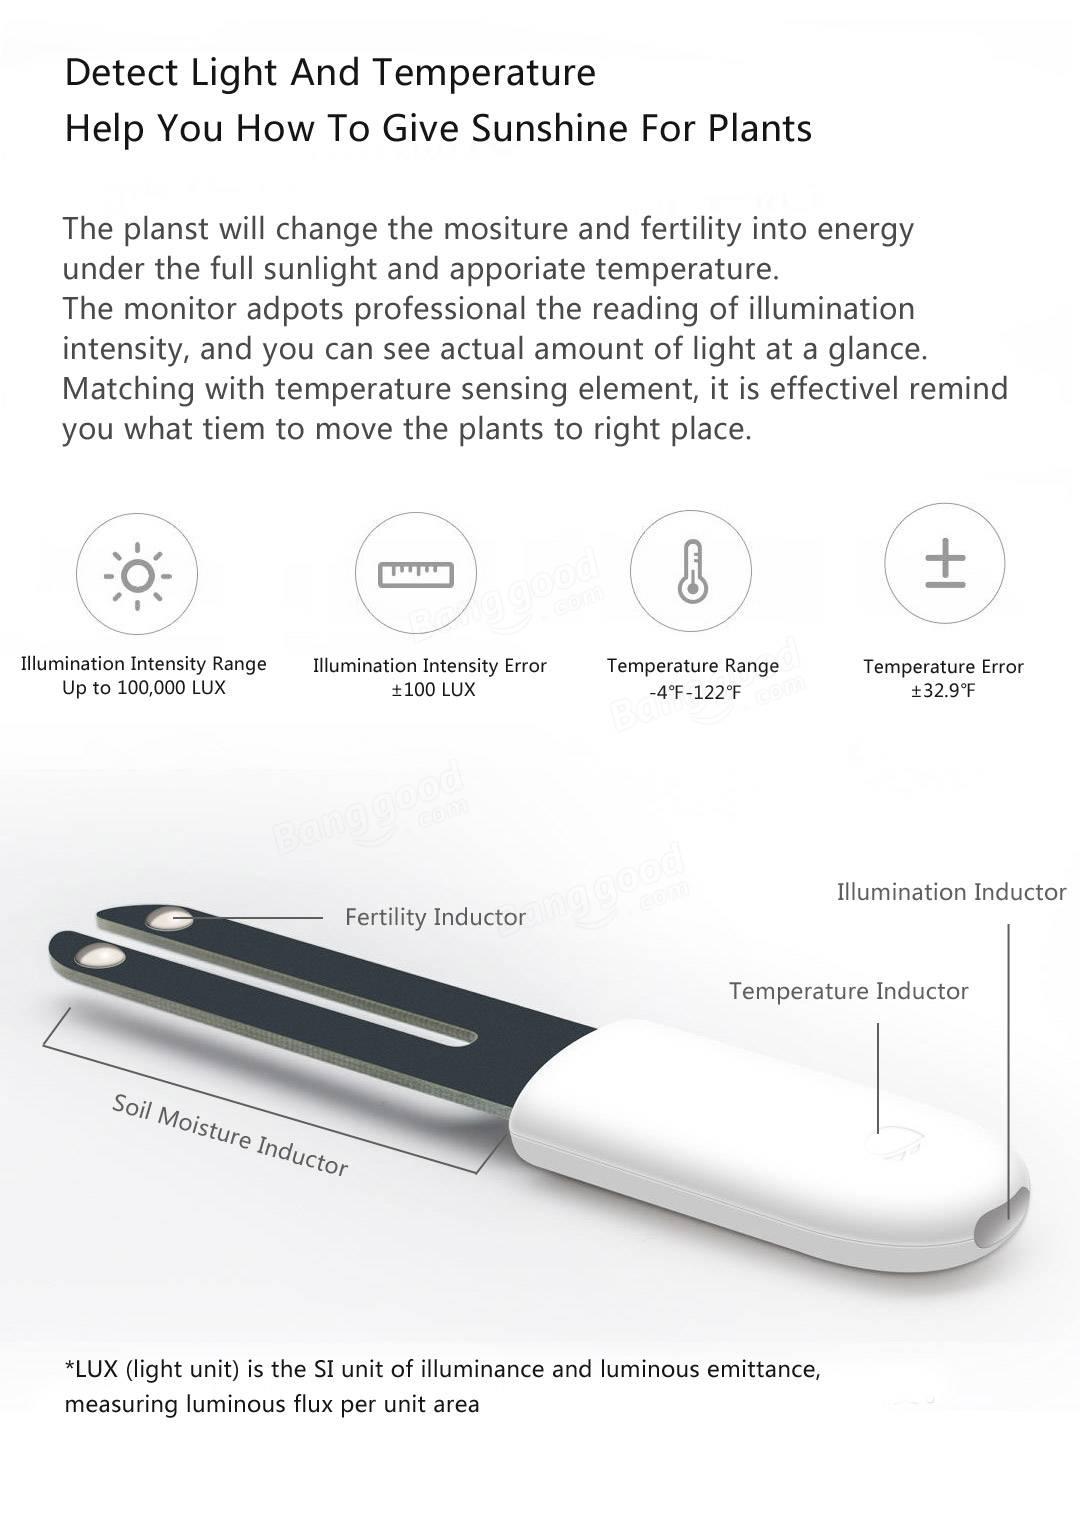 Xiaomi Mi Flora Monitor - Chytrý senzor pro rostliny - XiaomiMarket cz